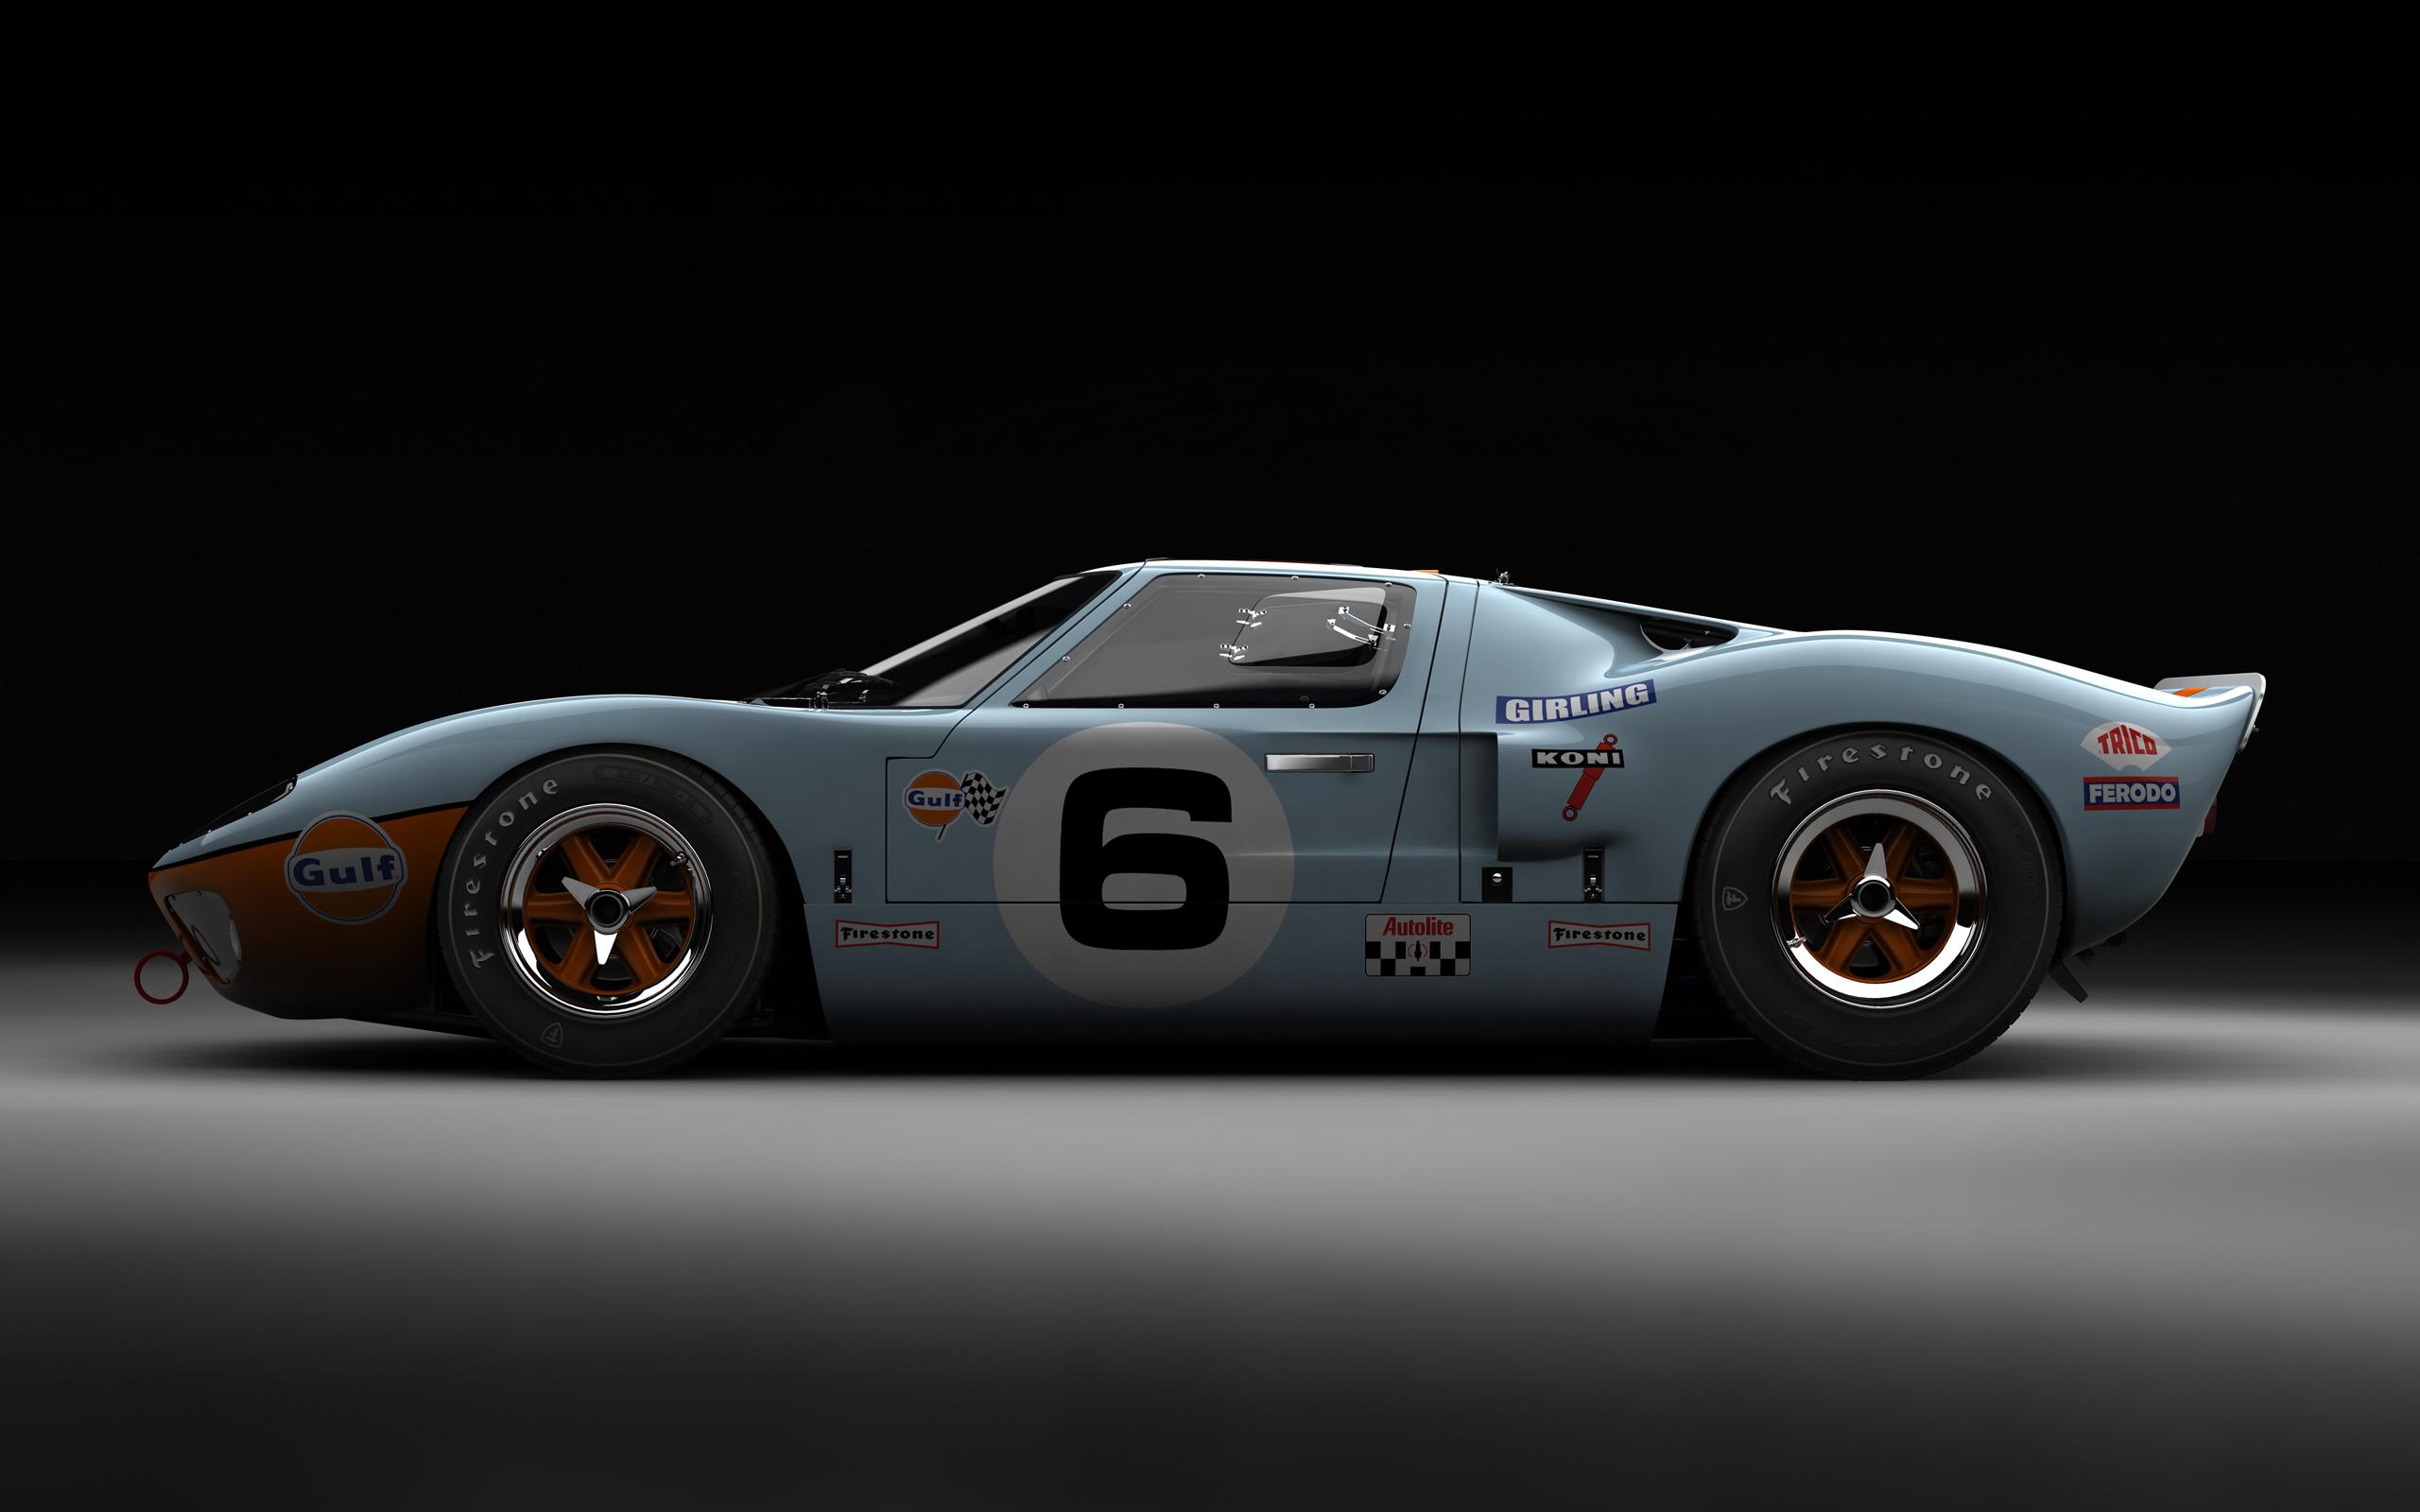 fantasy-art-women-cars-ford-gt-mark-i-gulf-lemans-free-s-951963.jpg